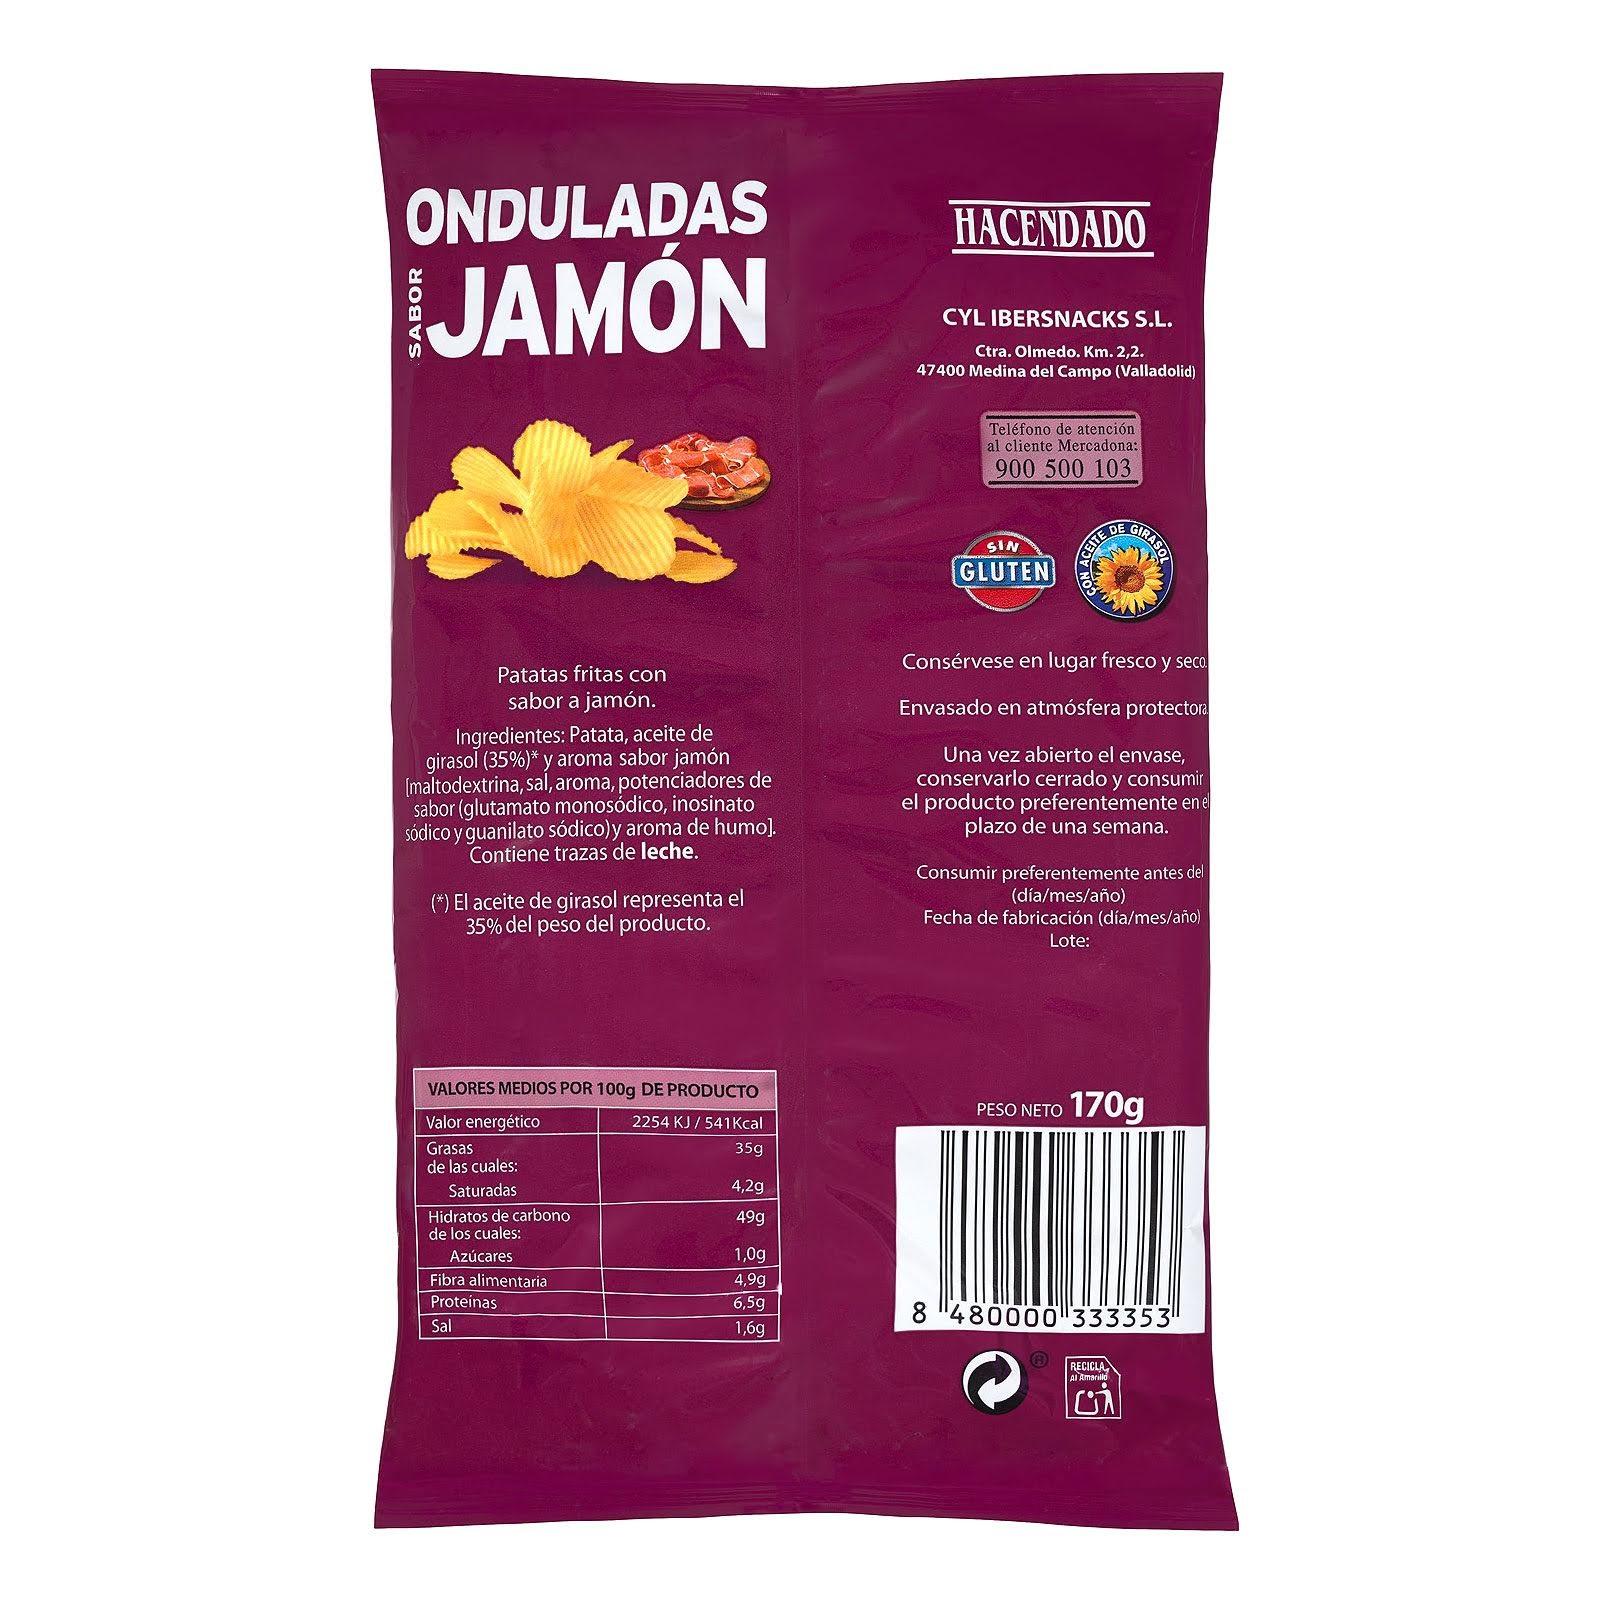 Patatas fritas onduladas sabor jamón Hacendado